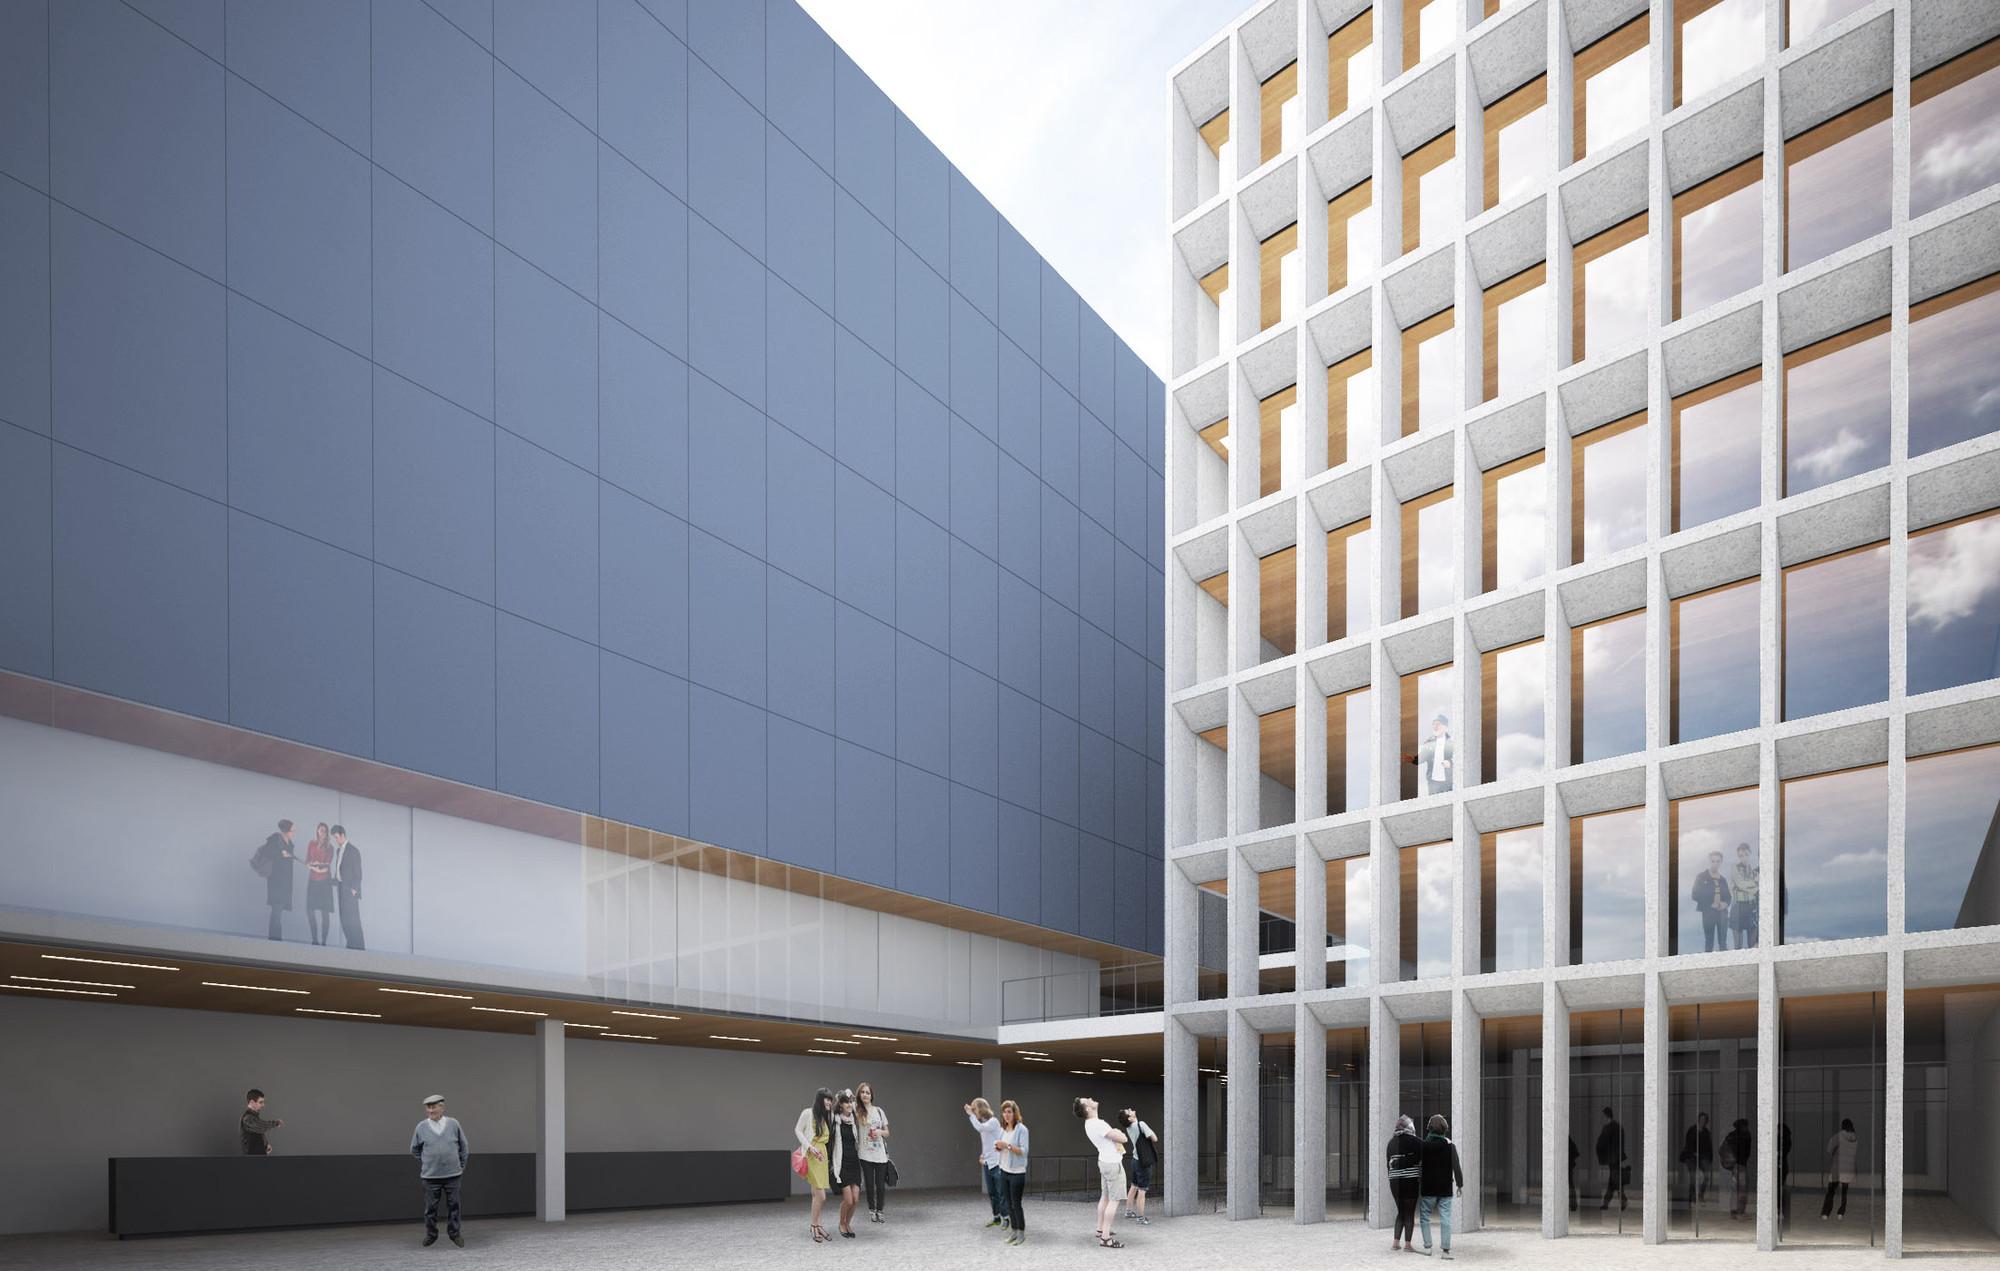 Metrópole Arquitetos vence o concurso nacional para a requalificação do MIS PRO no Rio de Janeiro, Proposta vencedora - Metrópole Arquitetos . Image Cortesia de IAB/RJ